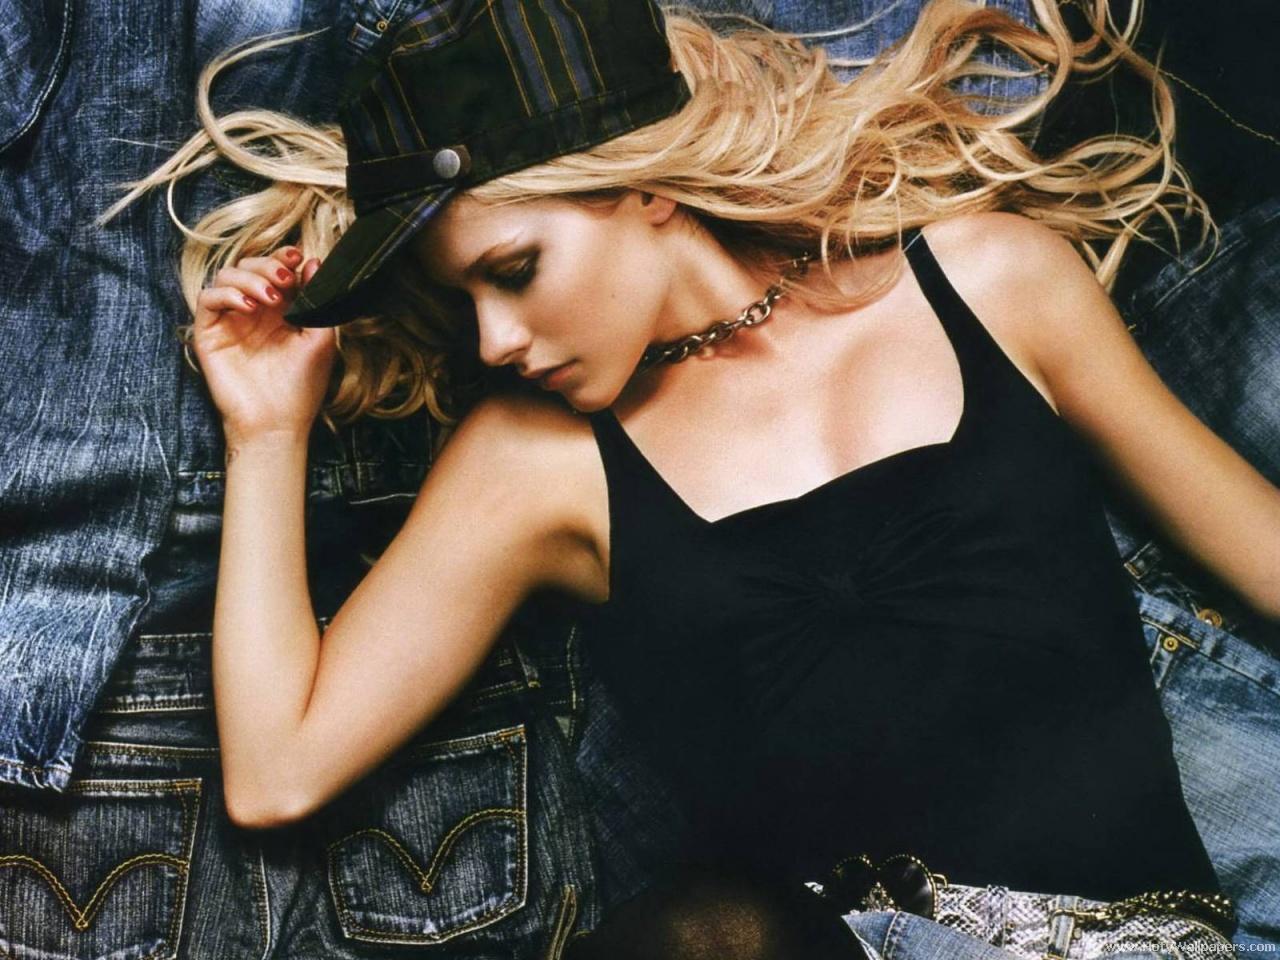 http://2.bp.blogspot.com/-m6hswNU_Sgc/Tjqu0gZTLDI/AAAAAAAAIlA/0zOJwwGylvQ/s1600/Avril_Lavigne_glamour_hd_wallpaper.jpg